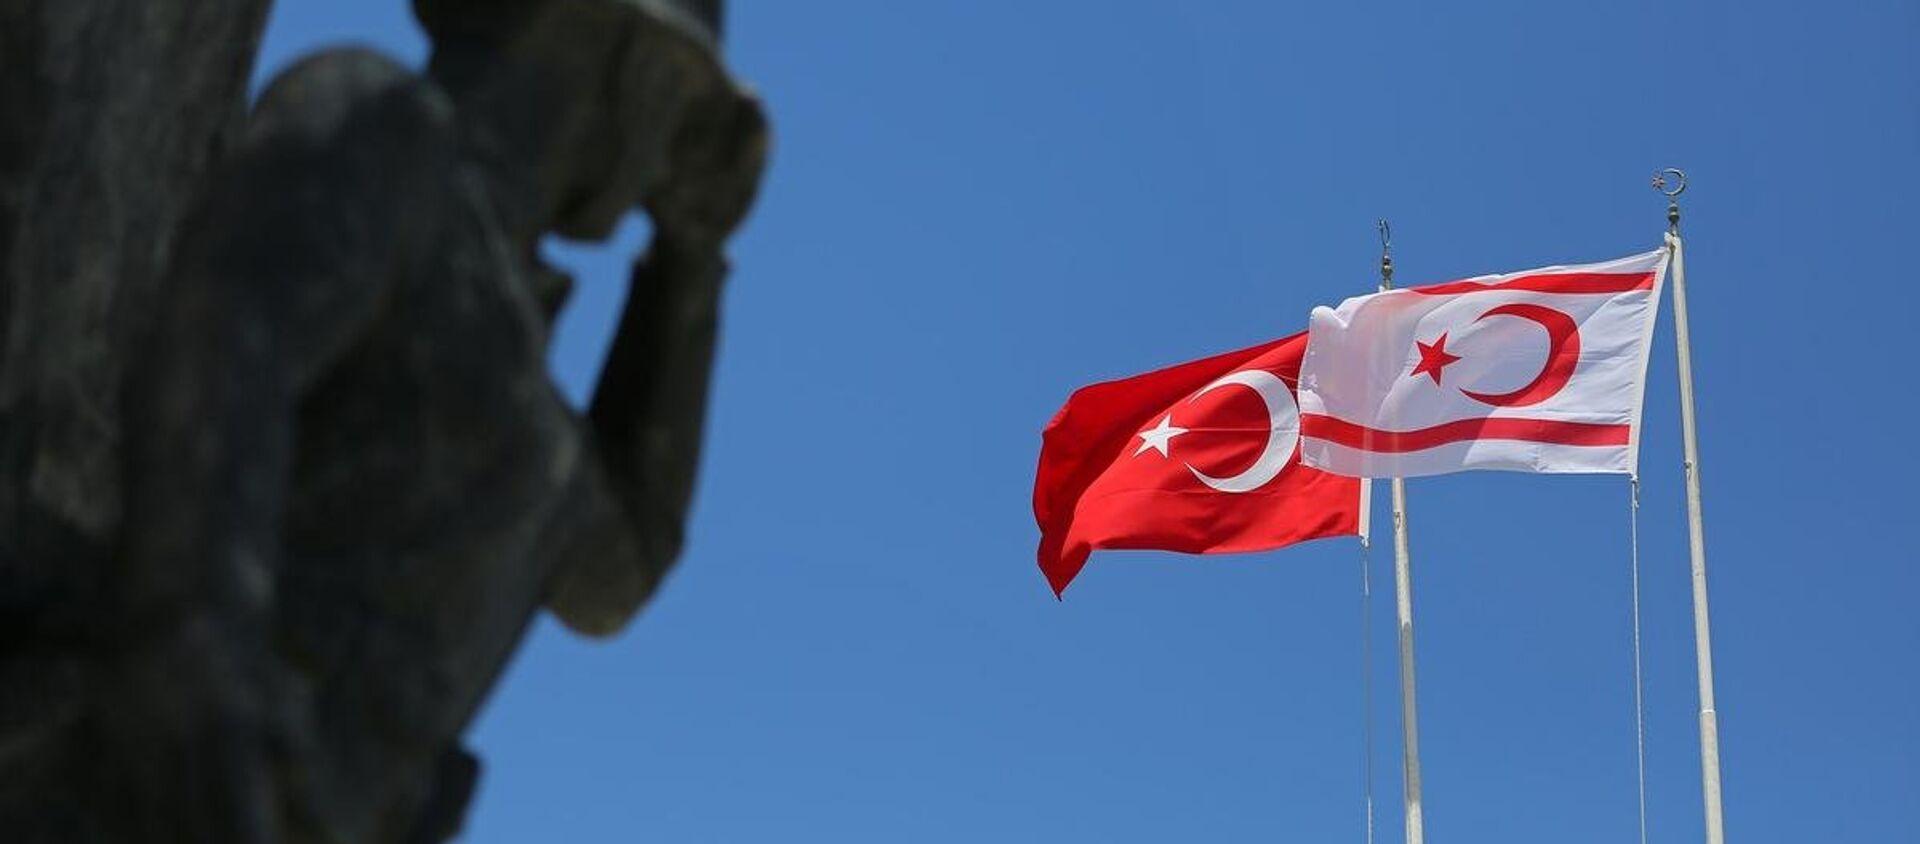 KKTC - Sputnik Türkiye, 1920, 27.07.2021